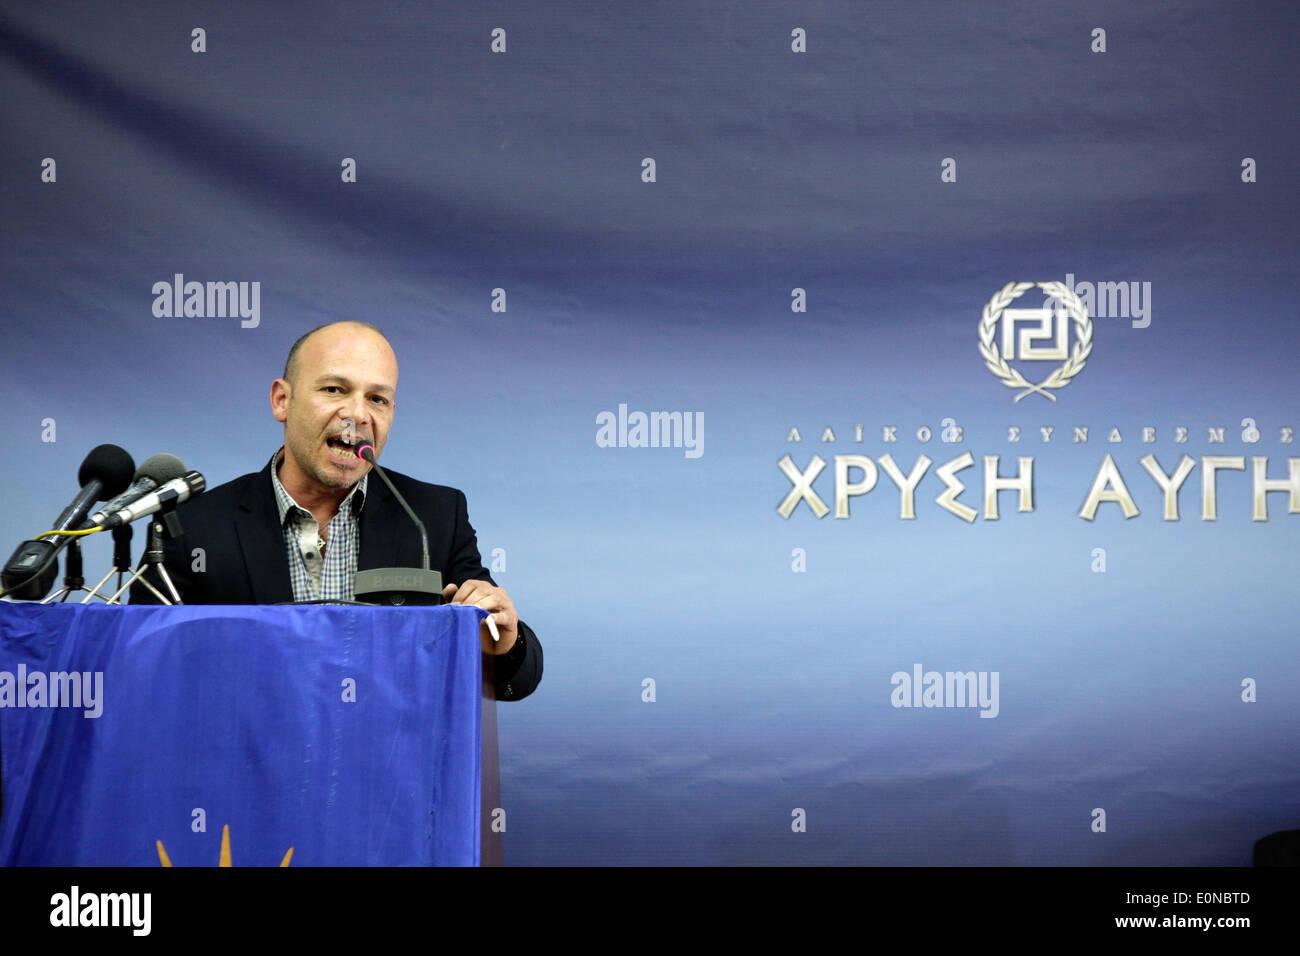 Salonicco, Grecia. 16 maggio 2014. Il vice presidente del Golden Dawn Antonis Gregos parla sul podio. Golden Dawn Foto Stock